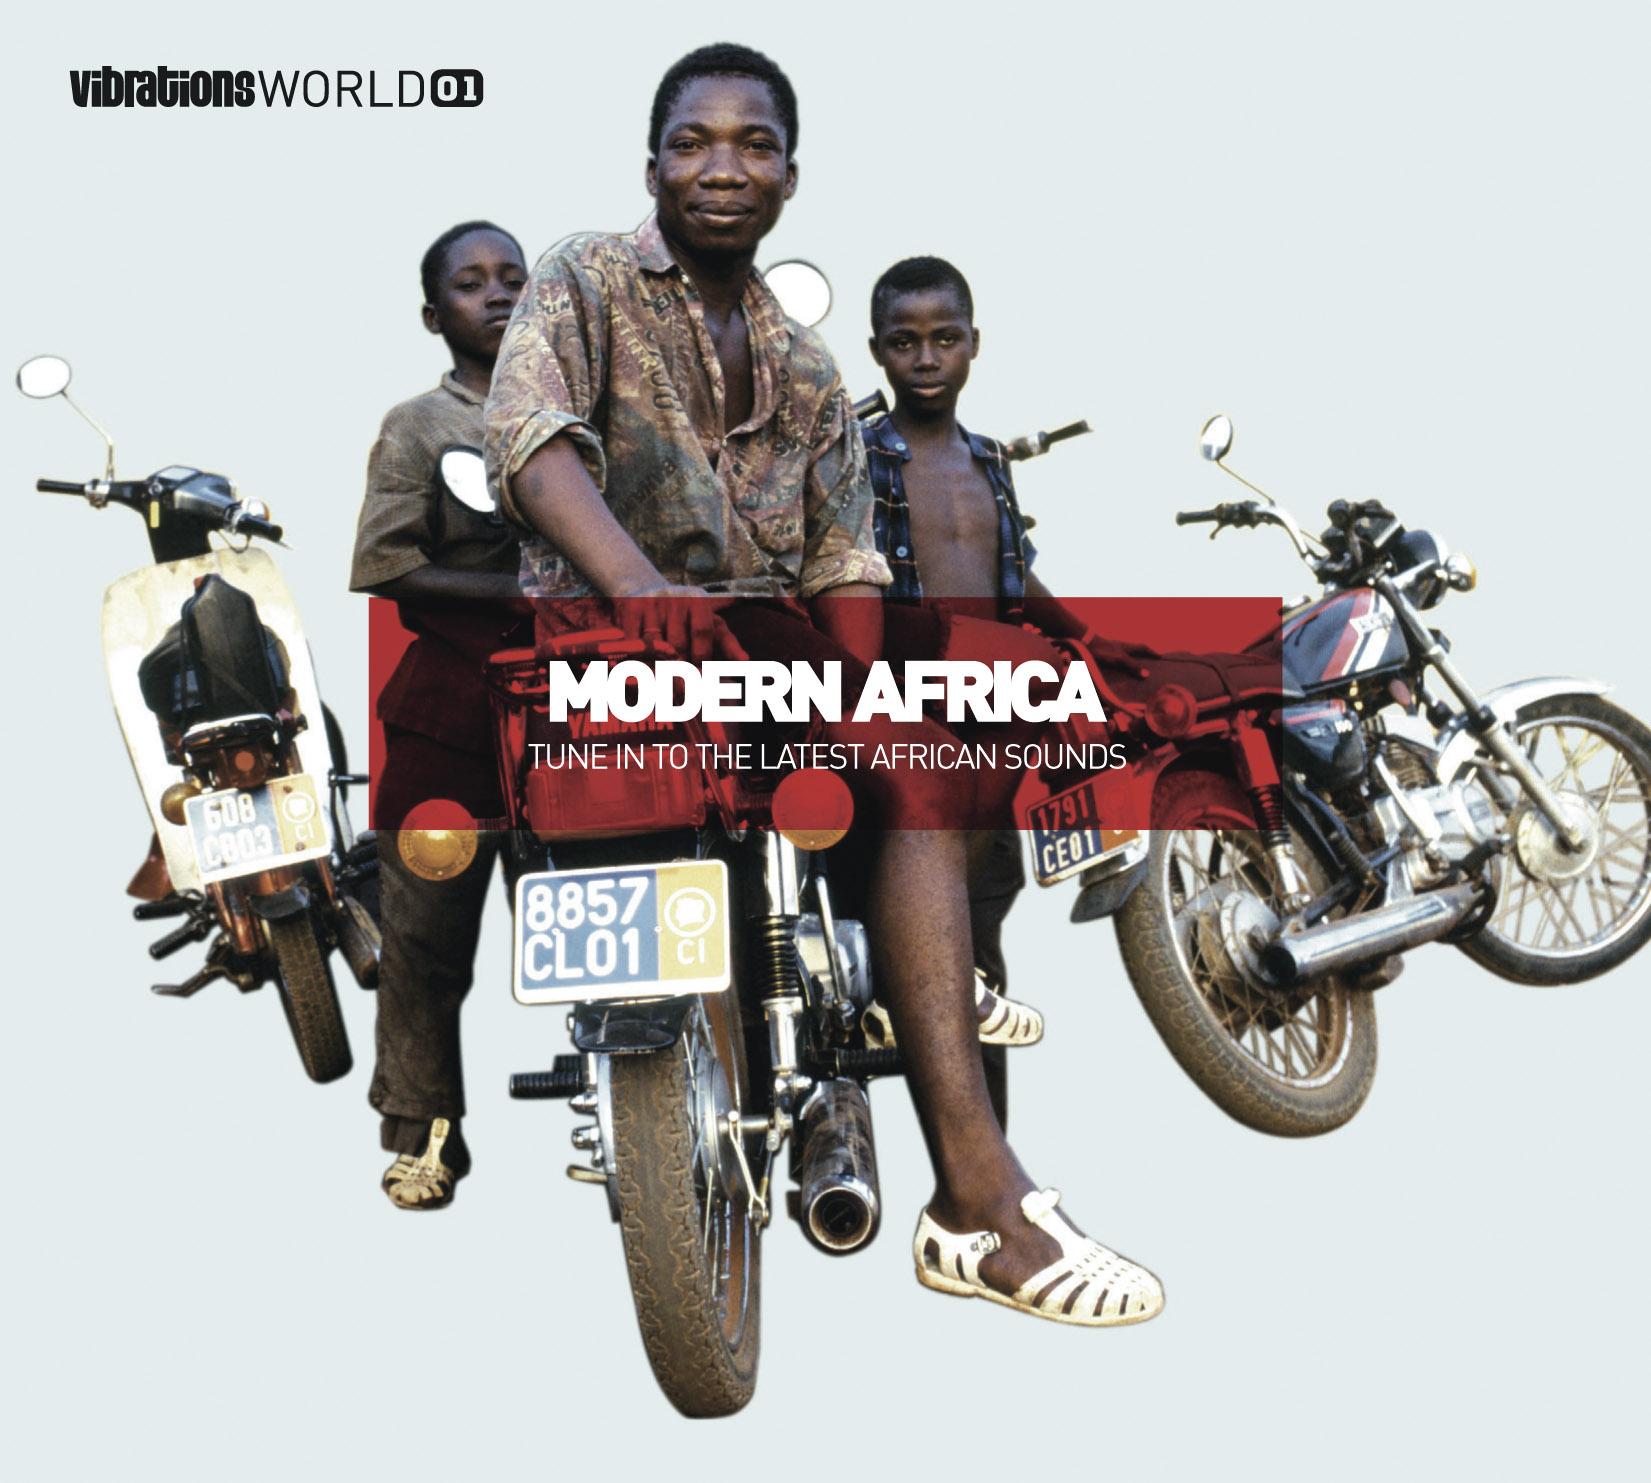 ad004_africa